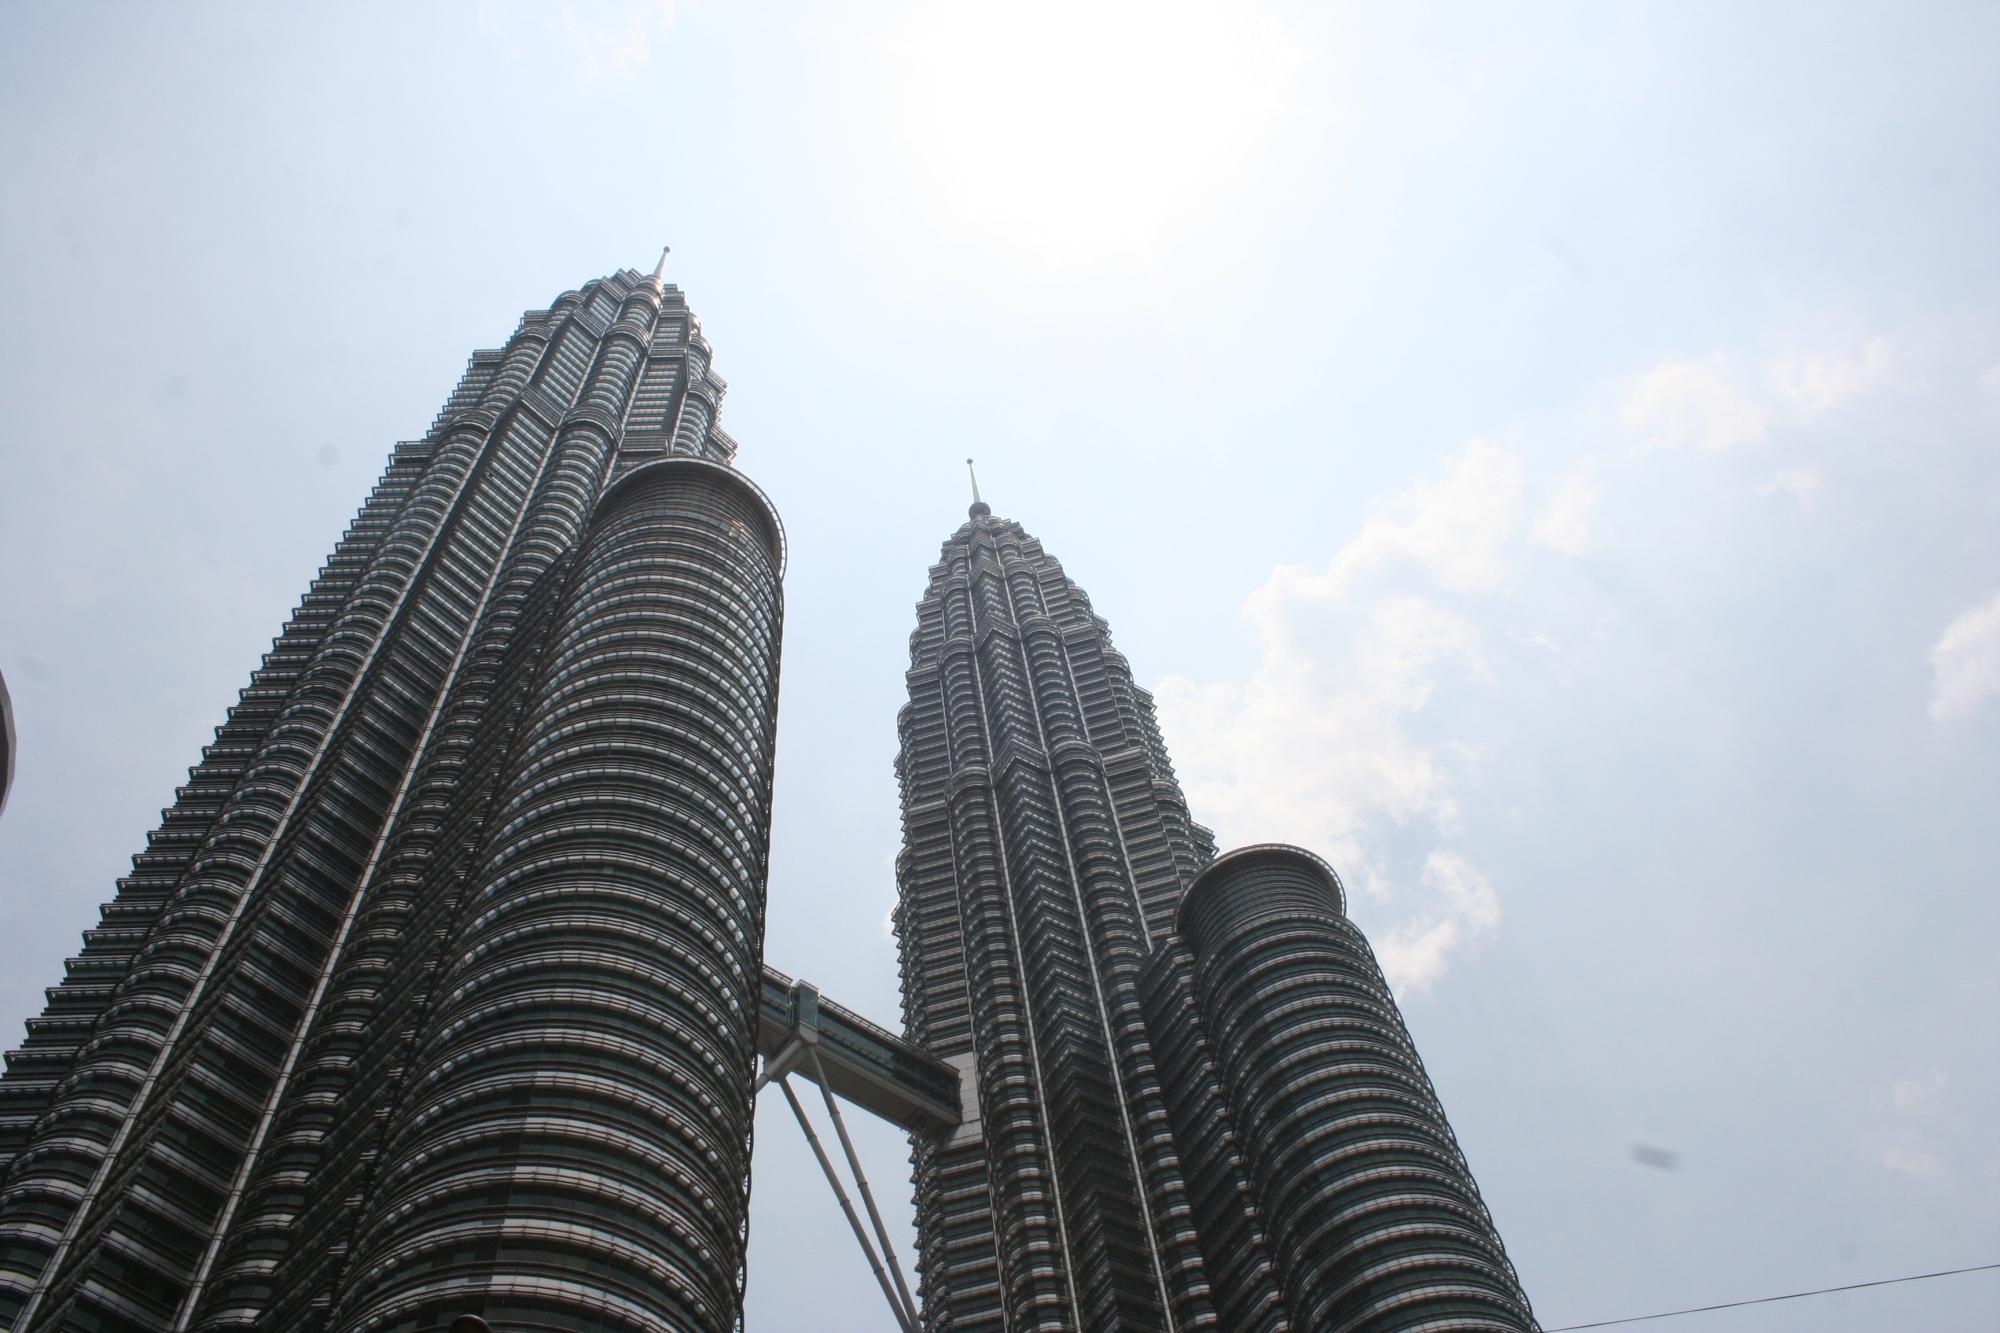 patronas twin towers kuala lumpur malaysia